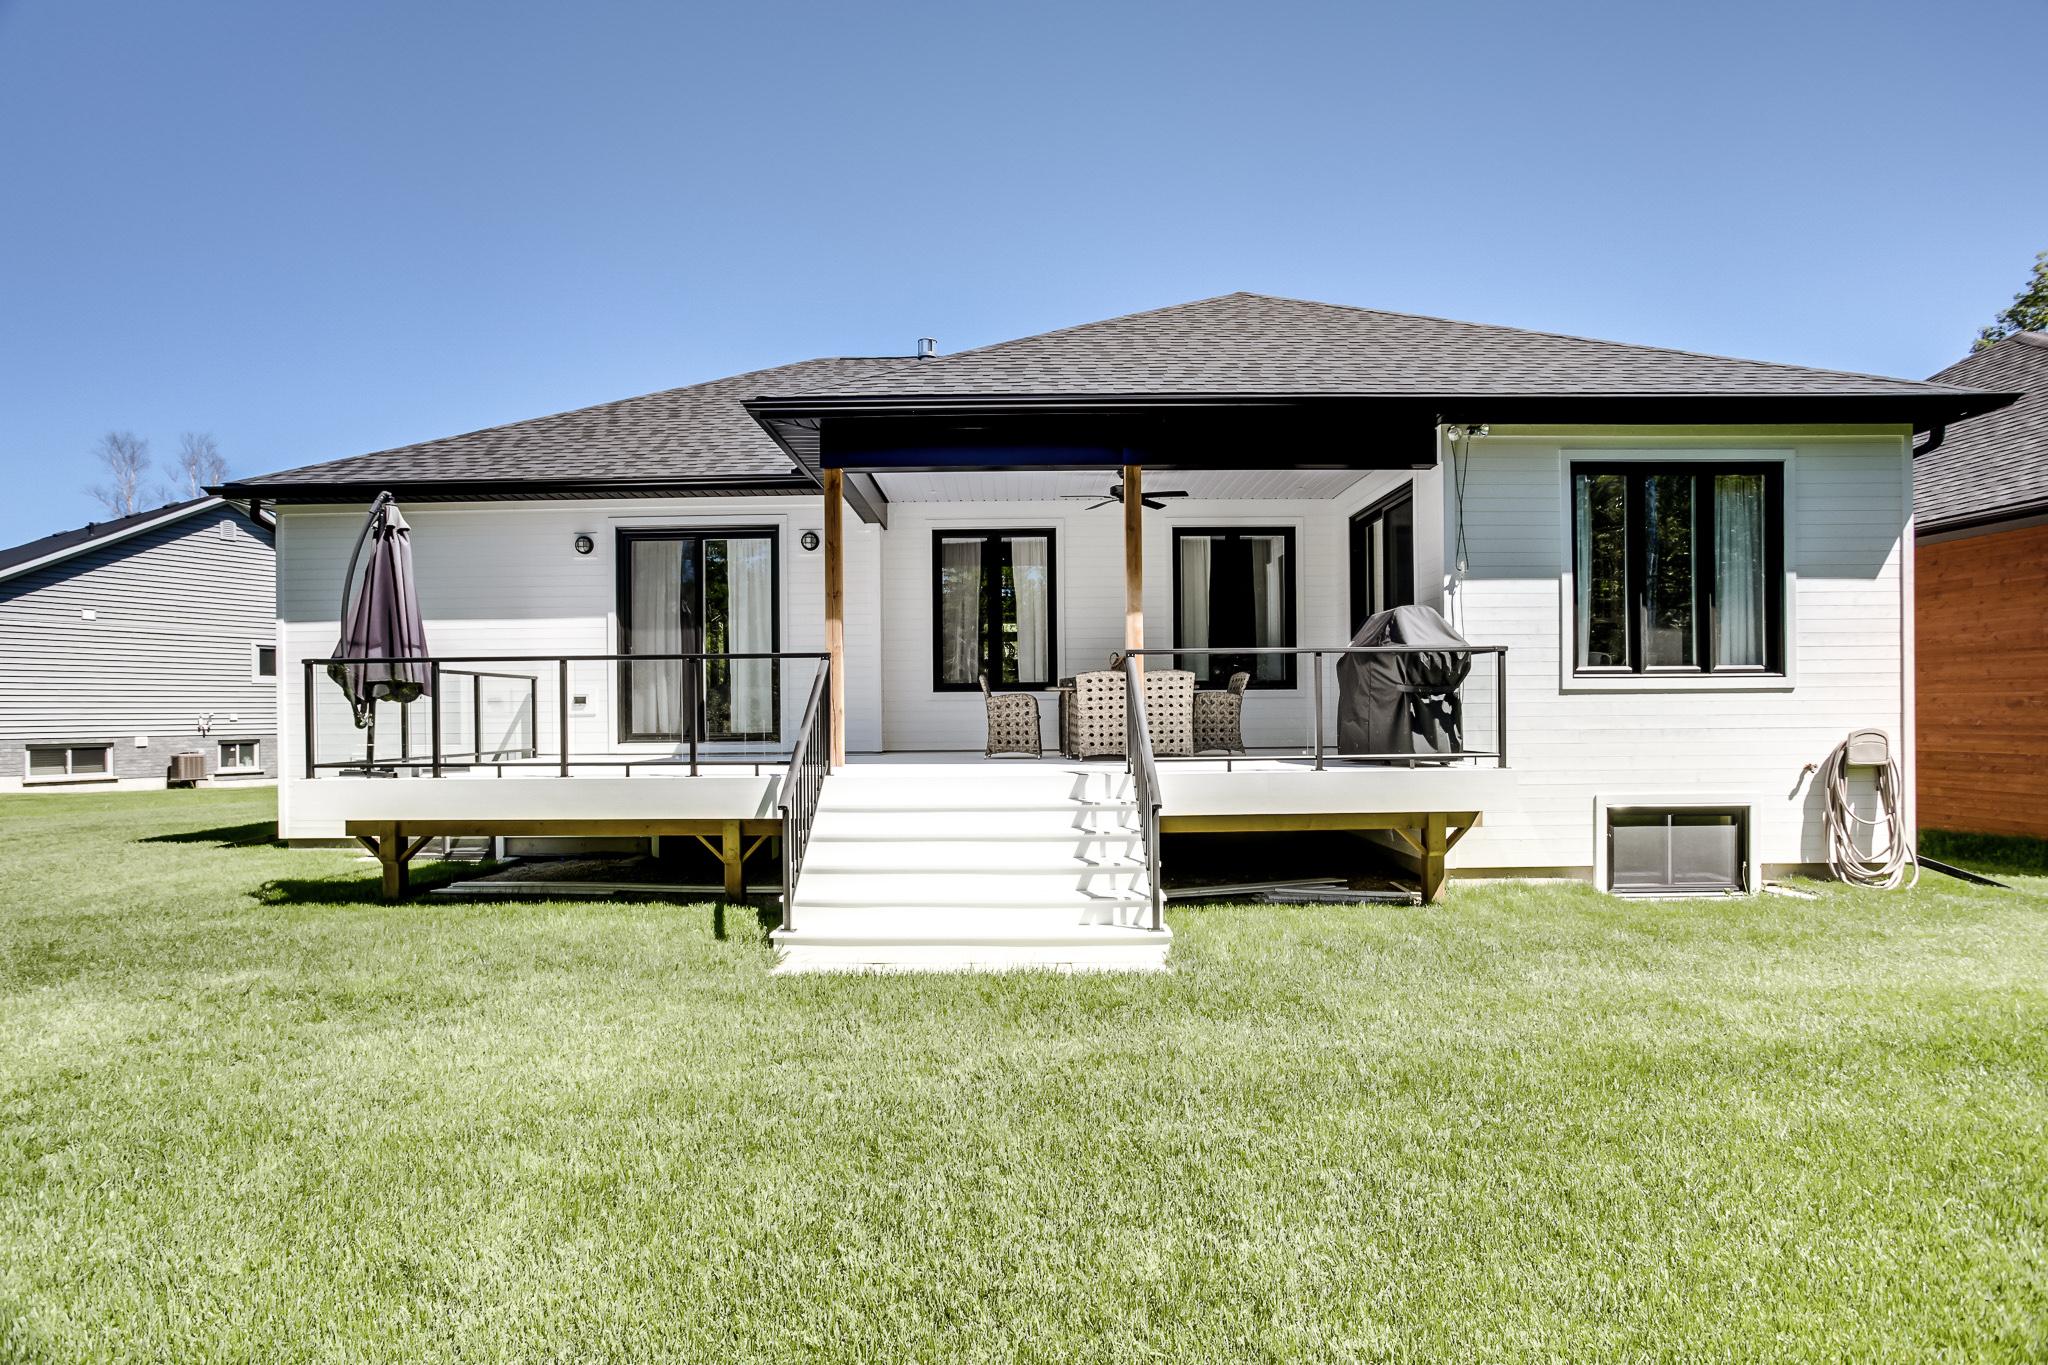 035-VanderMeer-Homes-websize-1645.jpg